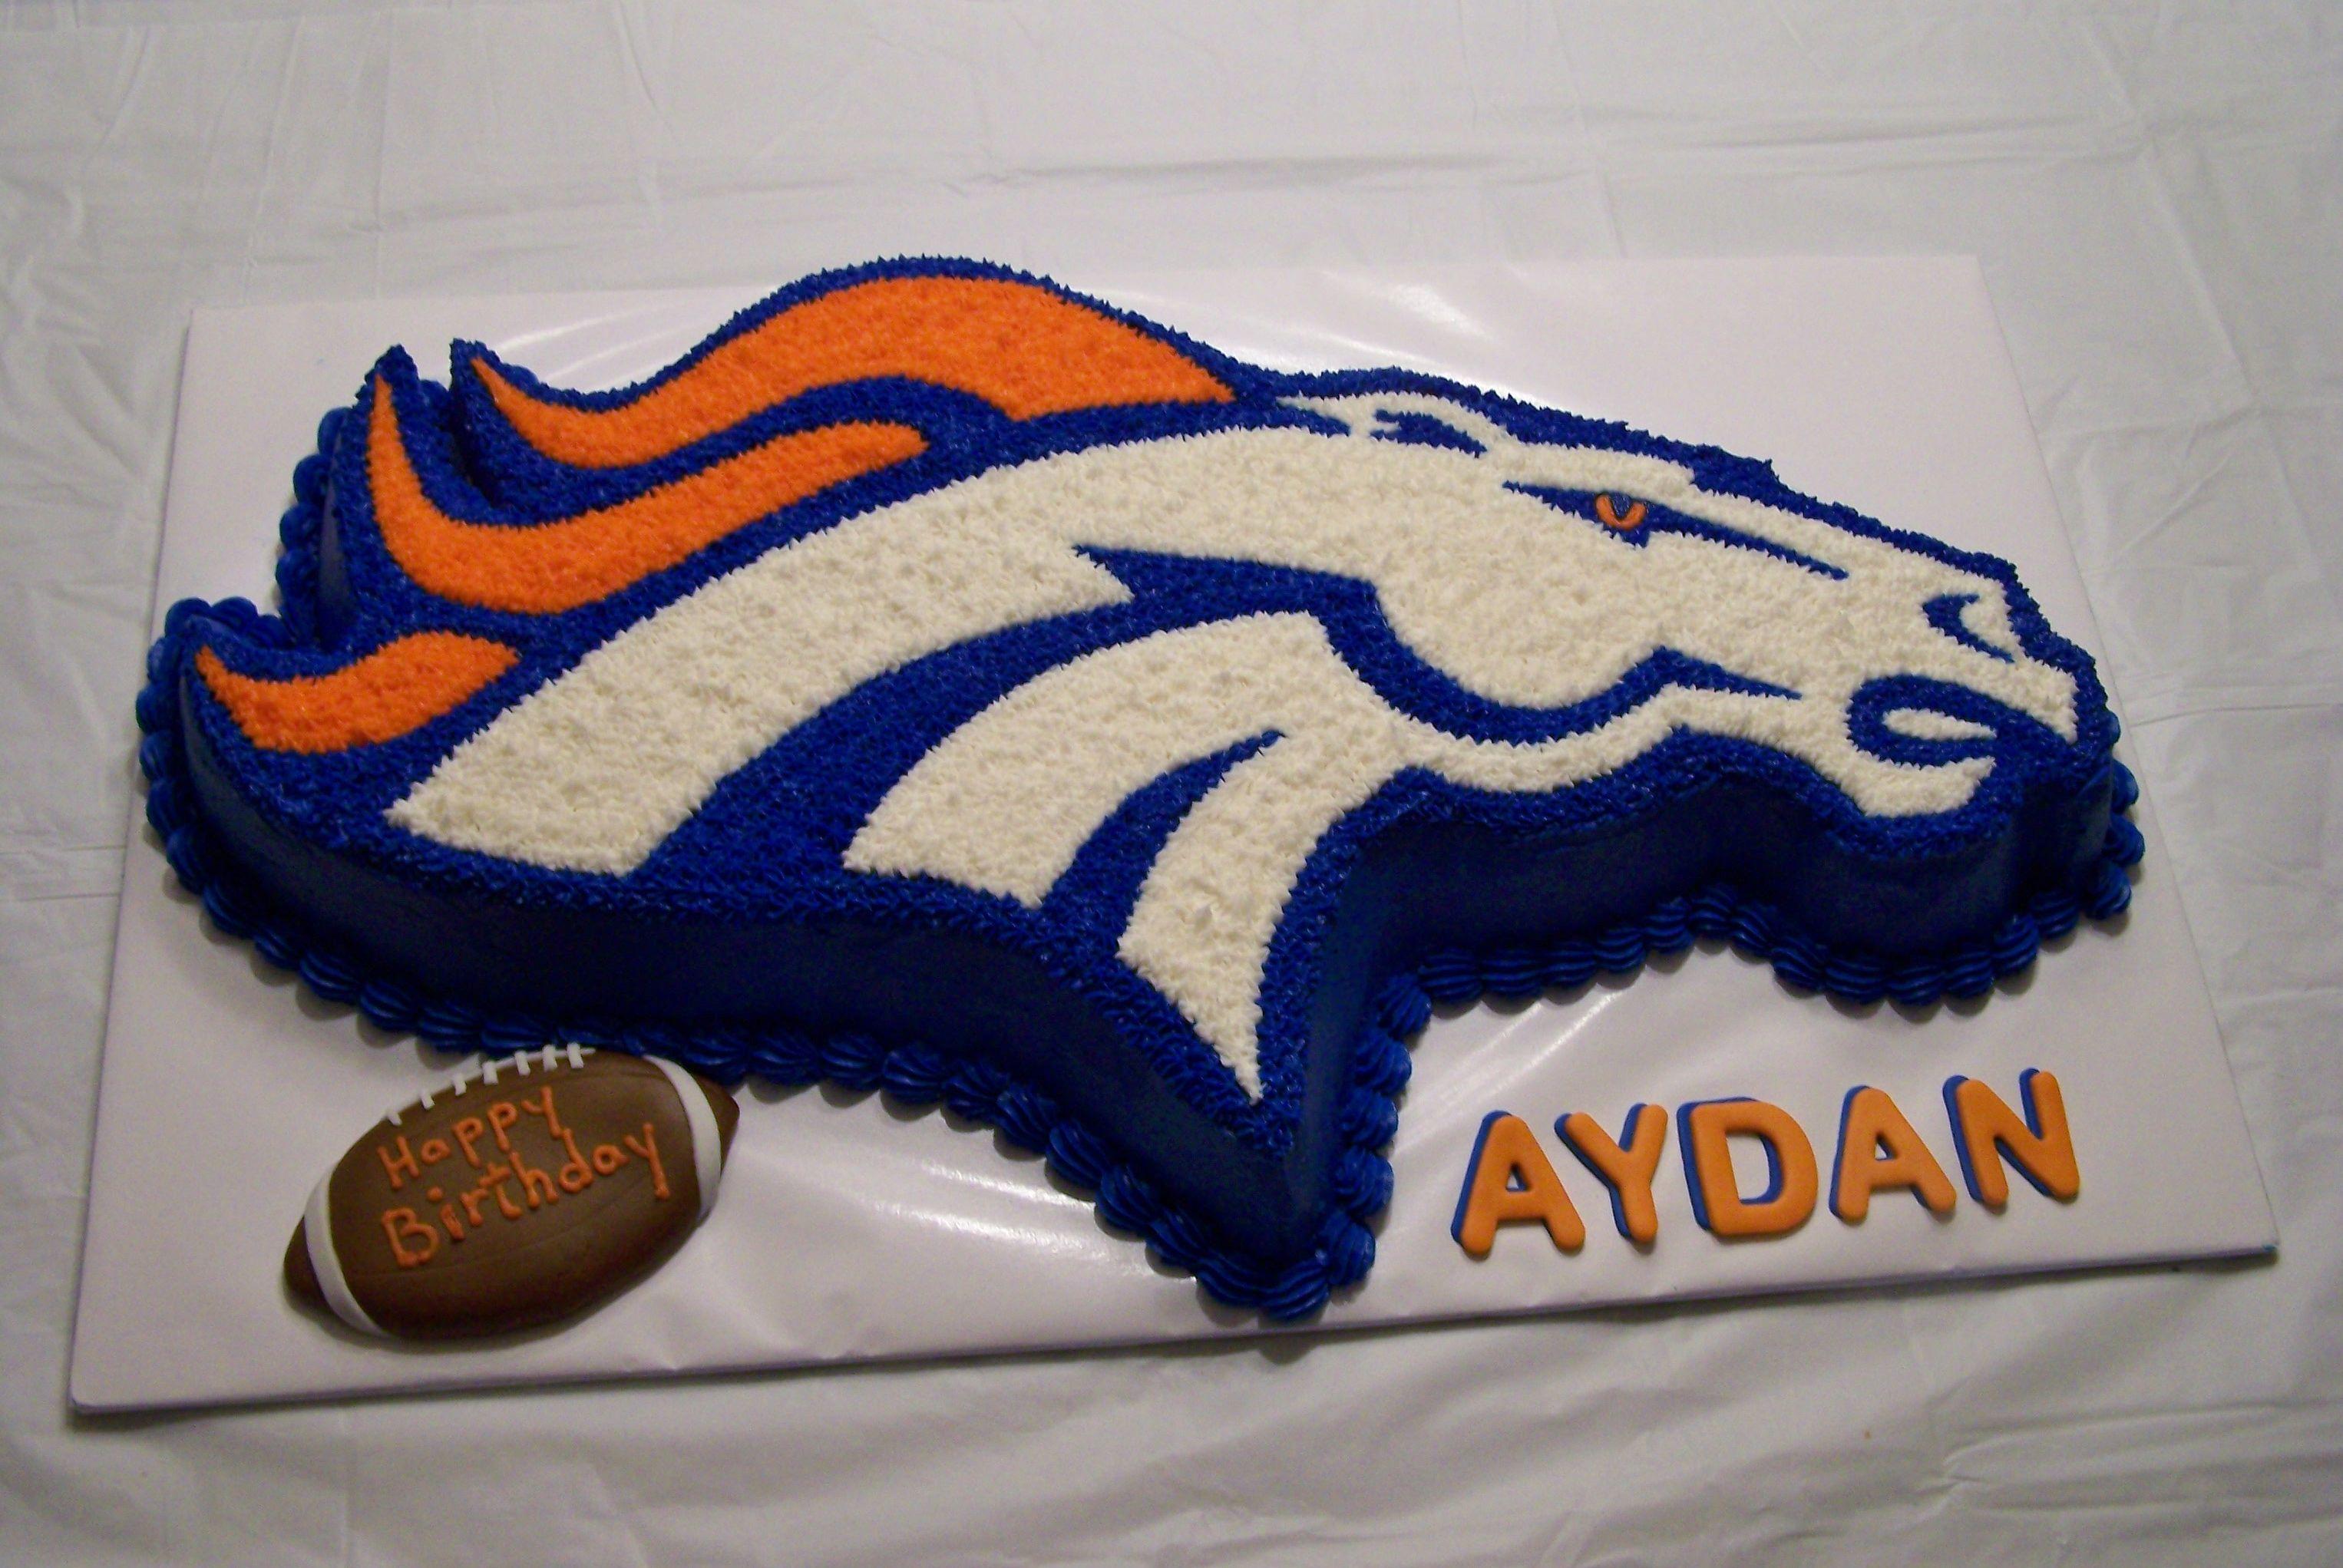 Denver Broncos Cake Pan